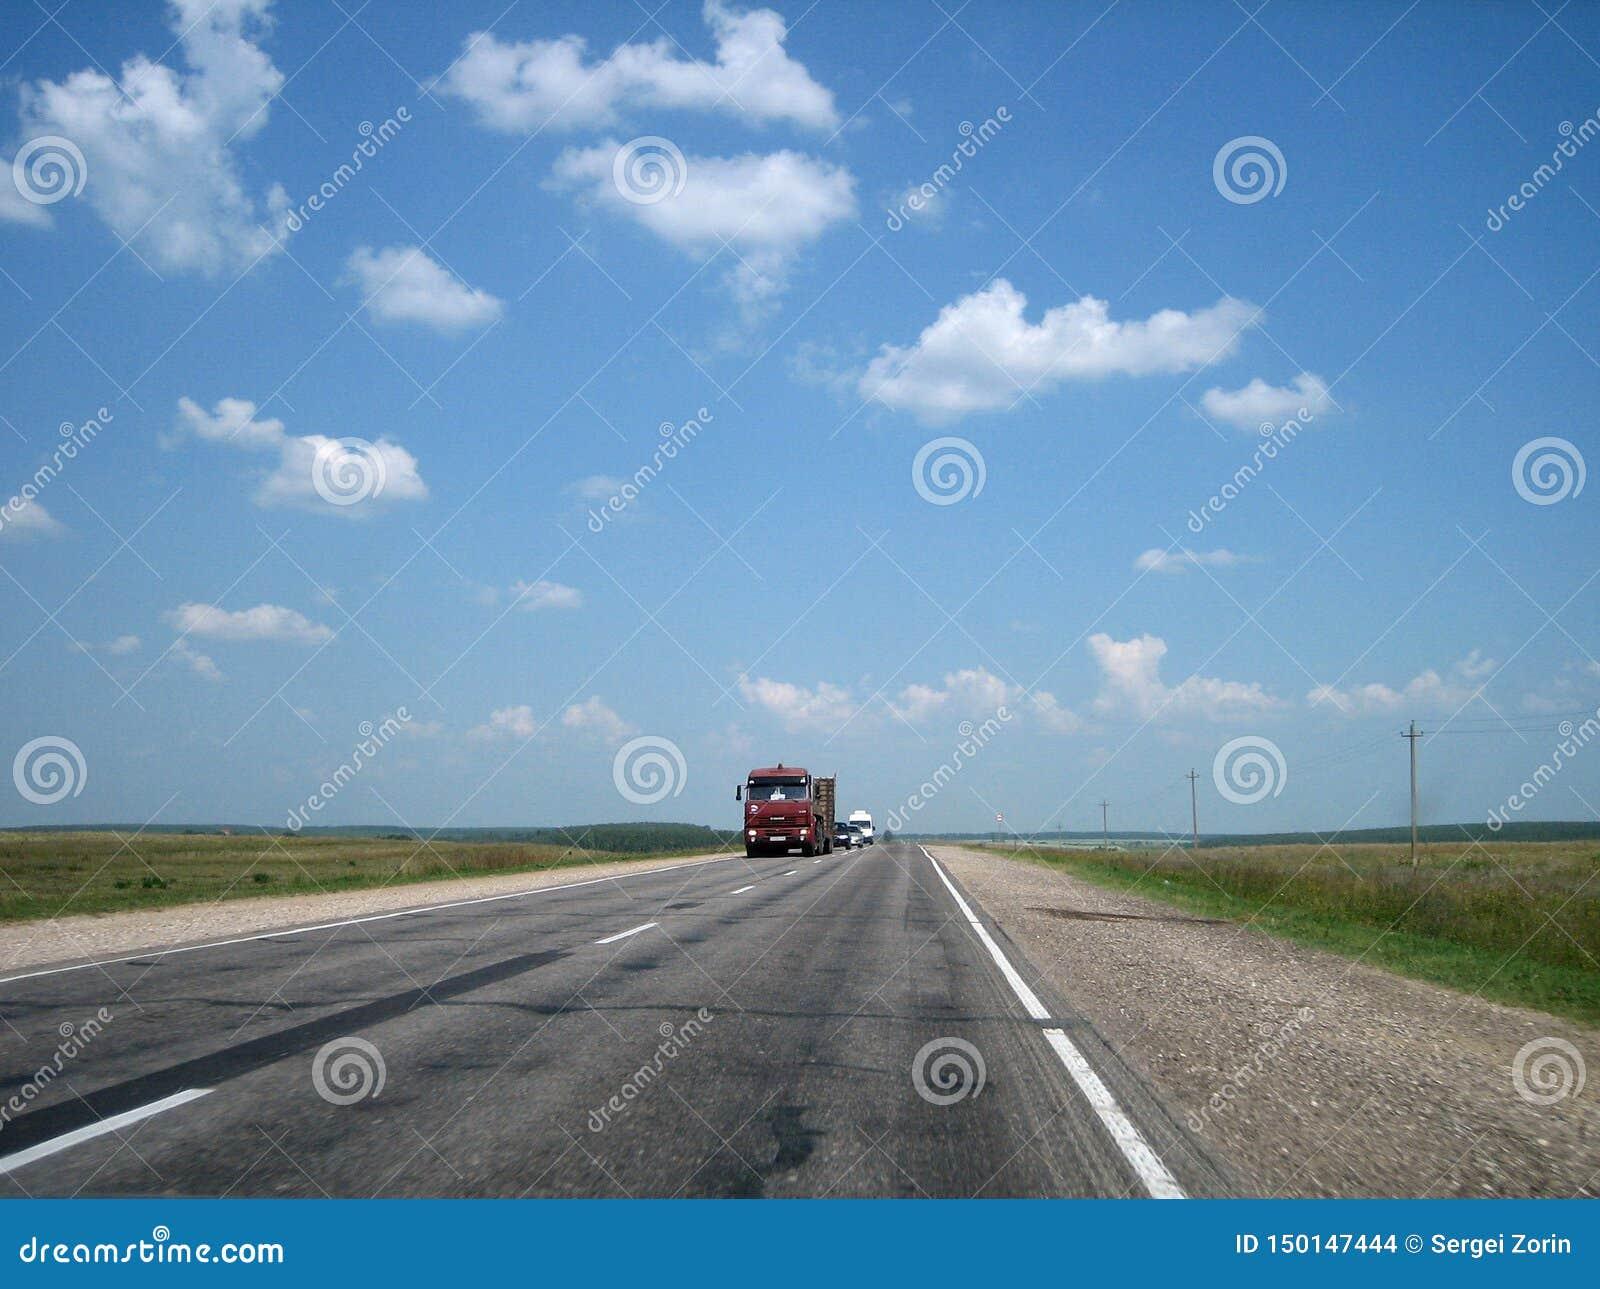 Samochodowa autostrada w pęknięciach iść daleko w odległość na jaskrawym słonecznym dniu